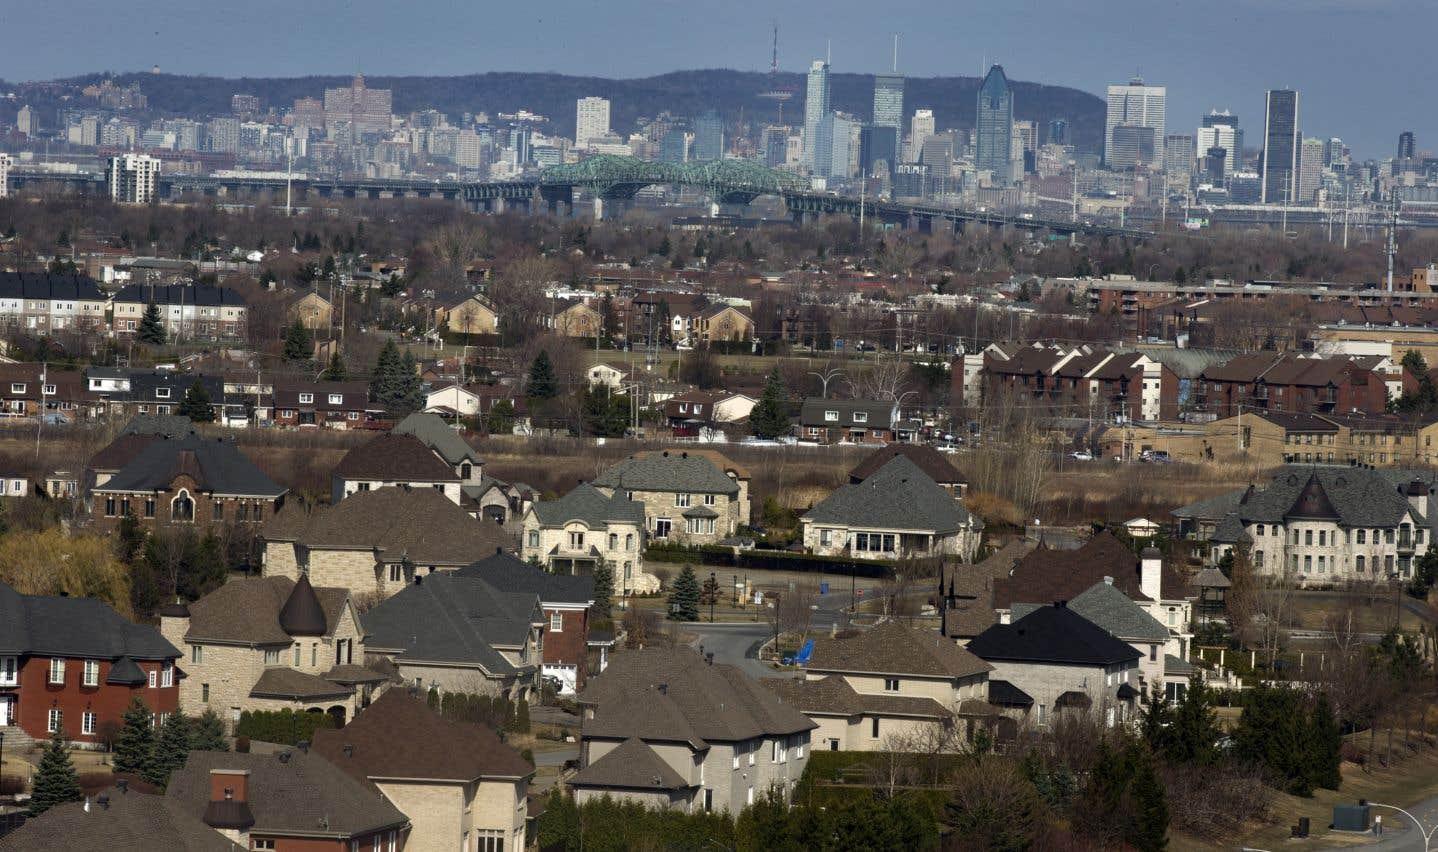 Les immigrants se regroupent en banlieue comme à la ville